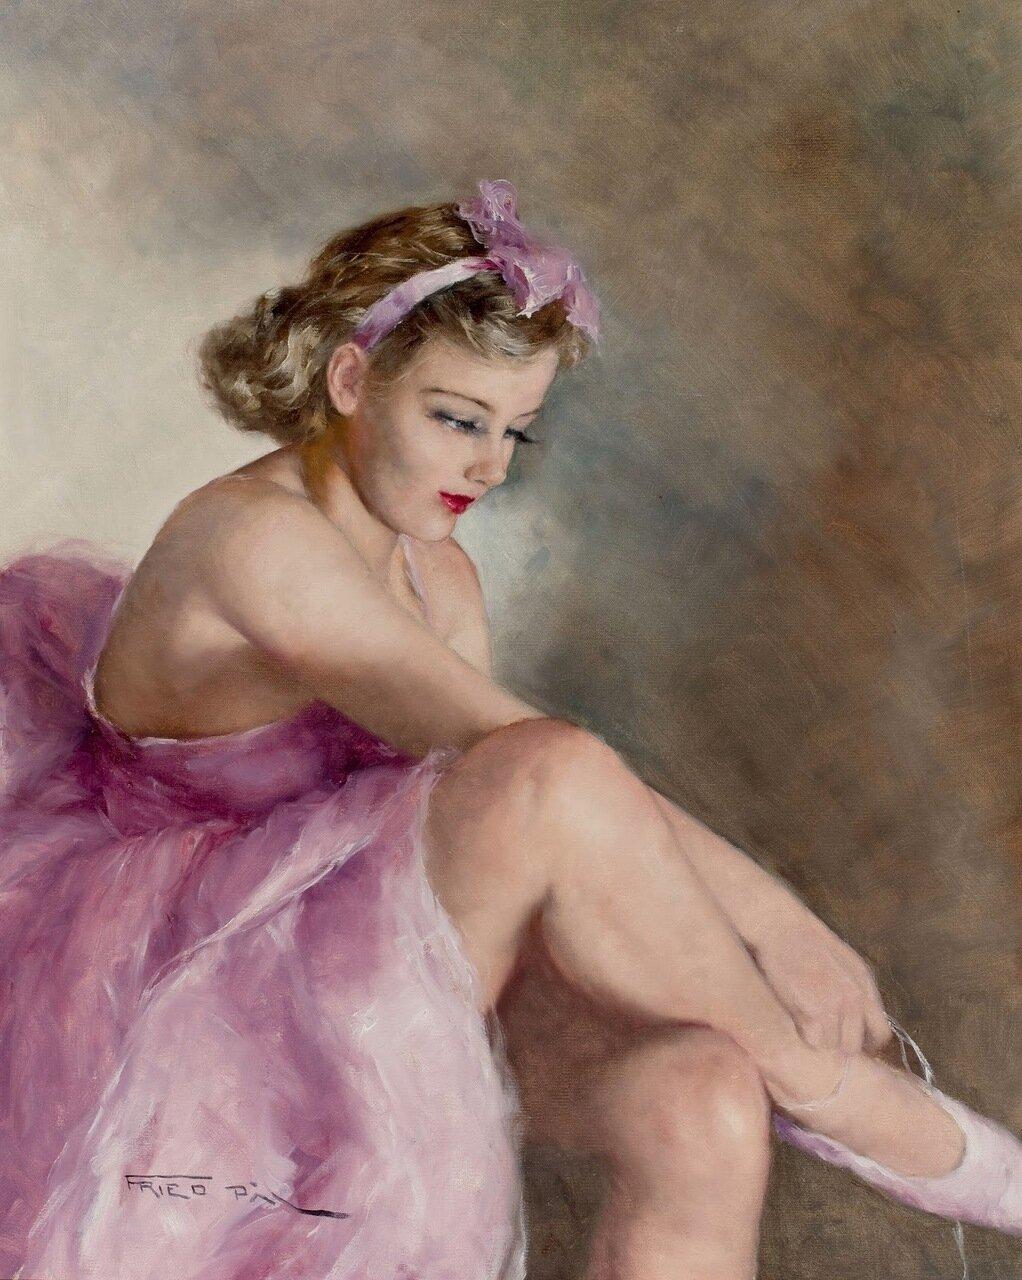 Картинки по запросу Пал Фрид Балерины